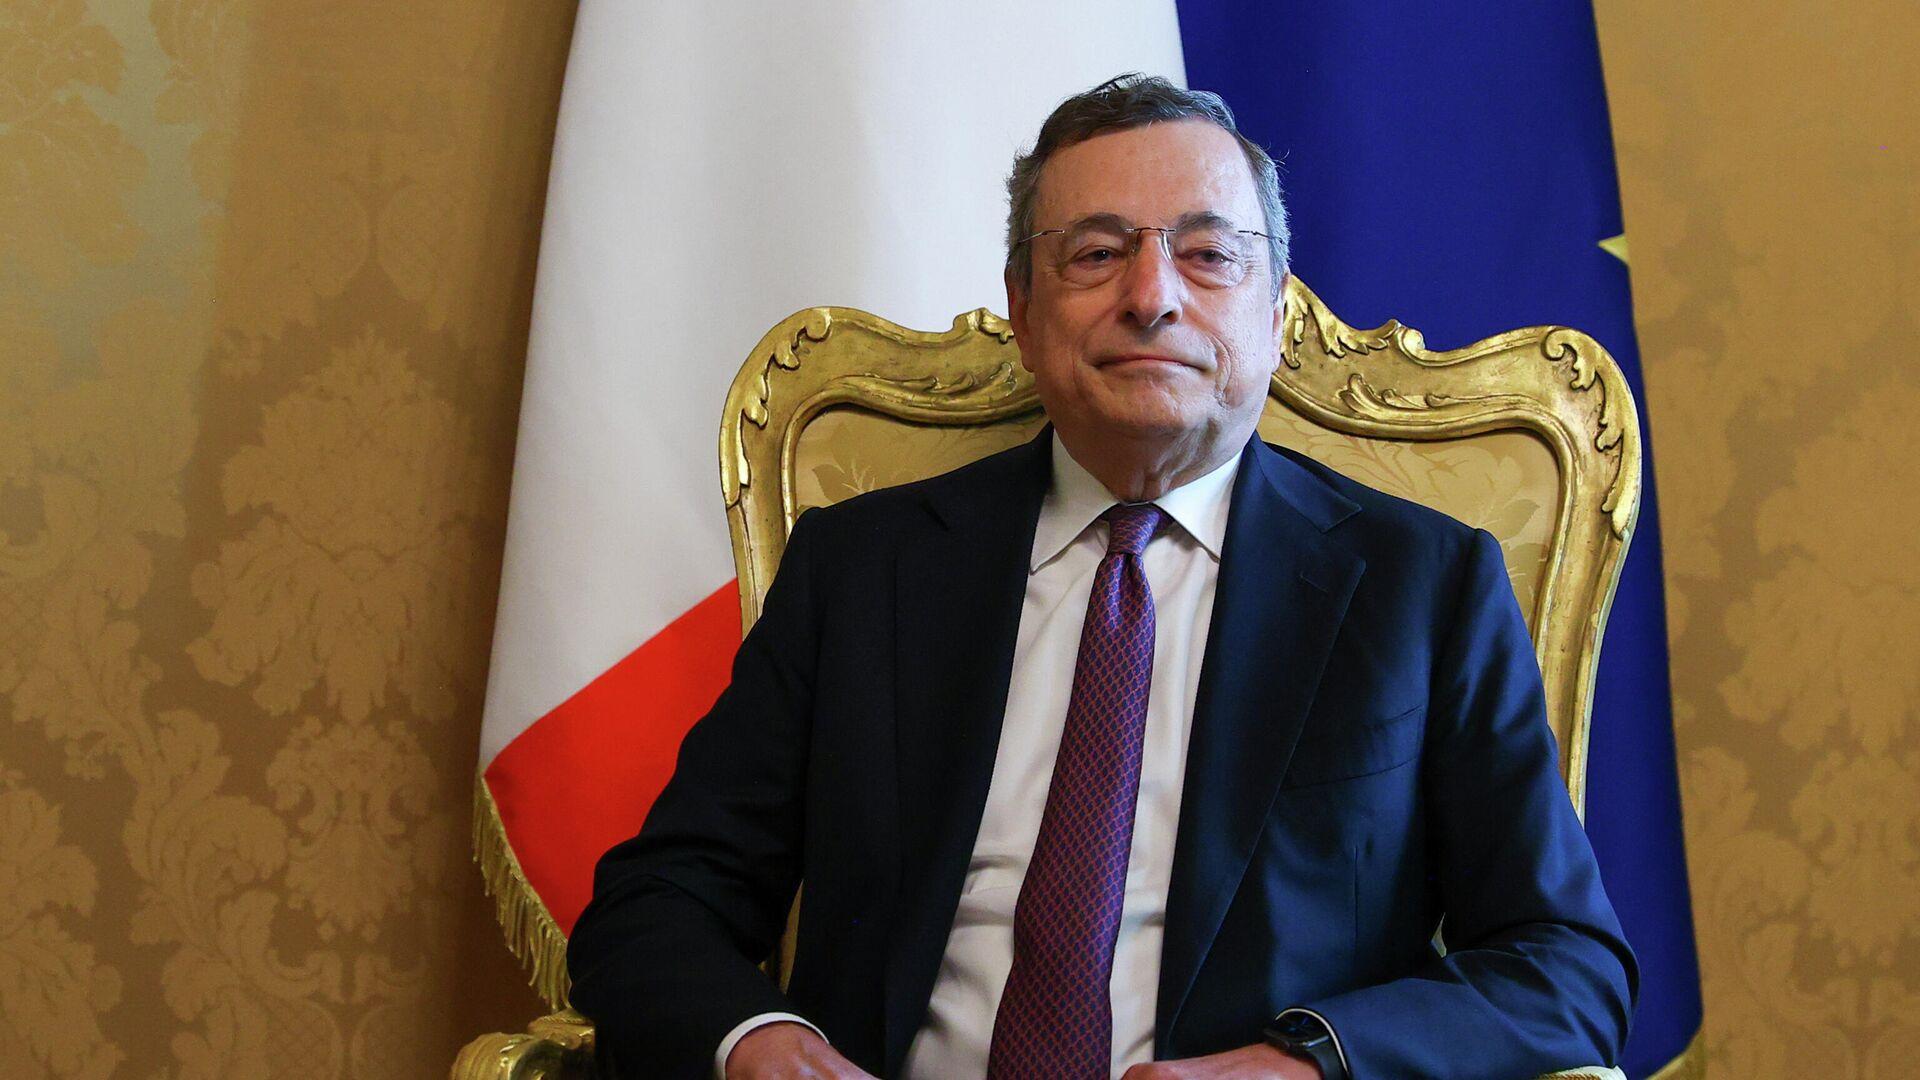 Il Presidente Mario Draghi ha incontrato il Ministro degli Affari Esteri della Federazione Russa, Sergey Lavrov, a Palazzo Chigi - Sputnik Italia, 1920, 12.09.2021